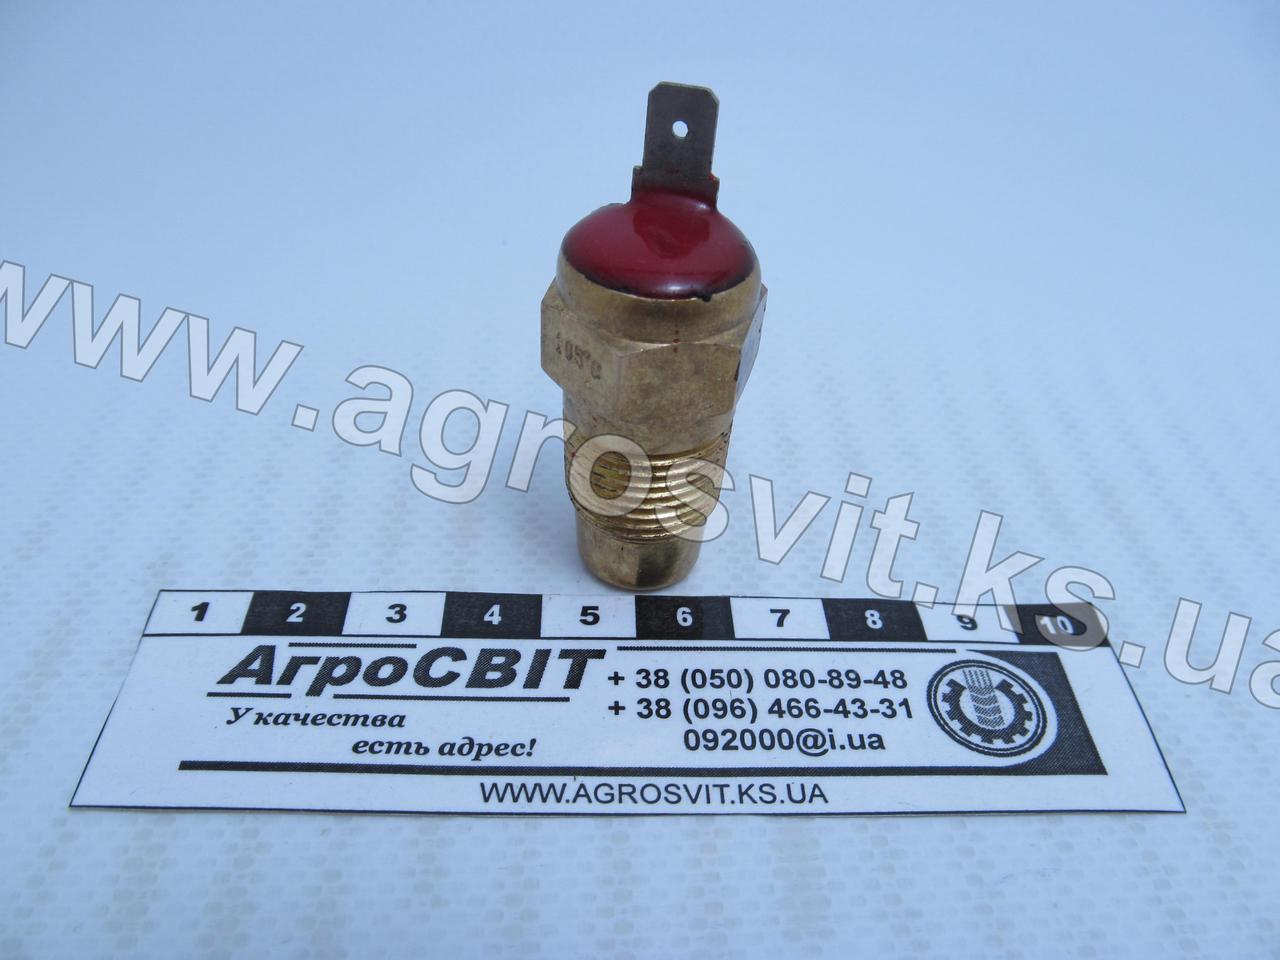 Датчик аварийной температуры воды (12-24V; 105 °С) , ТМ-111-02 (аналог ТМ-112)